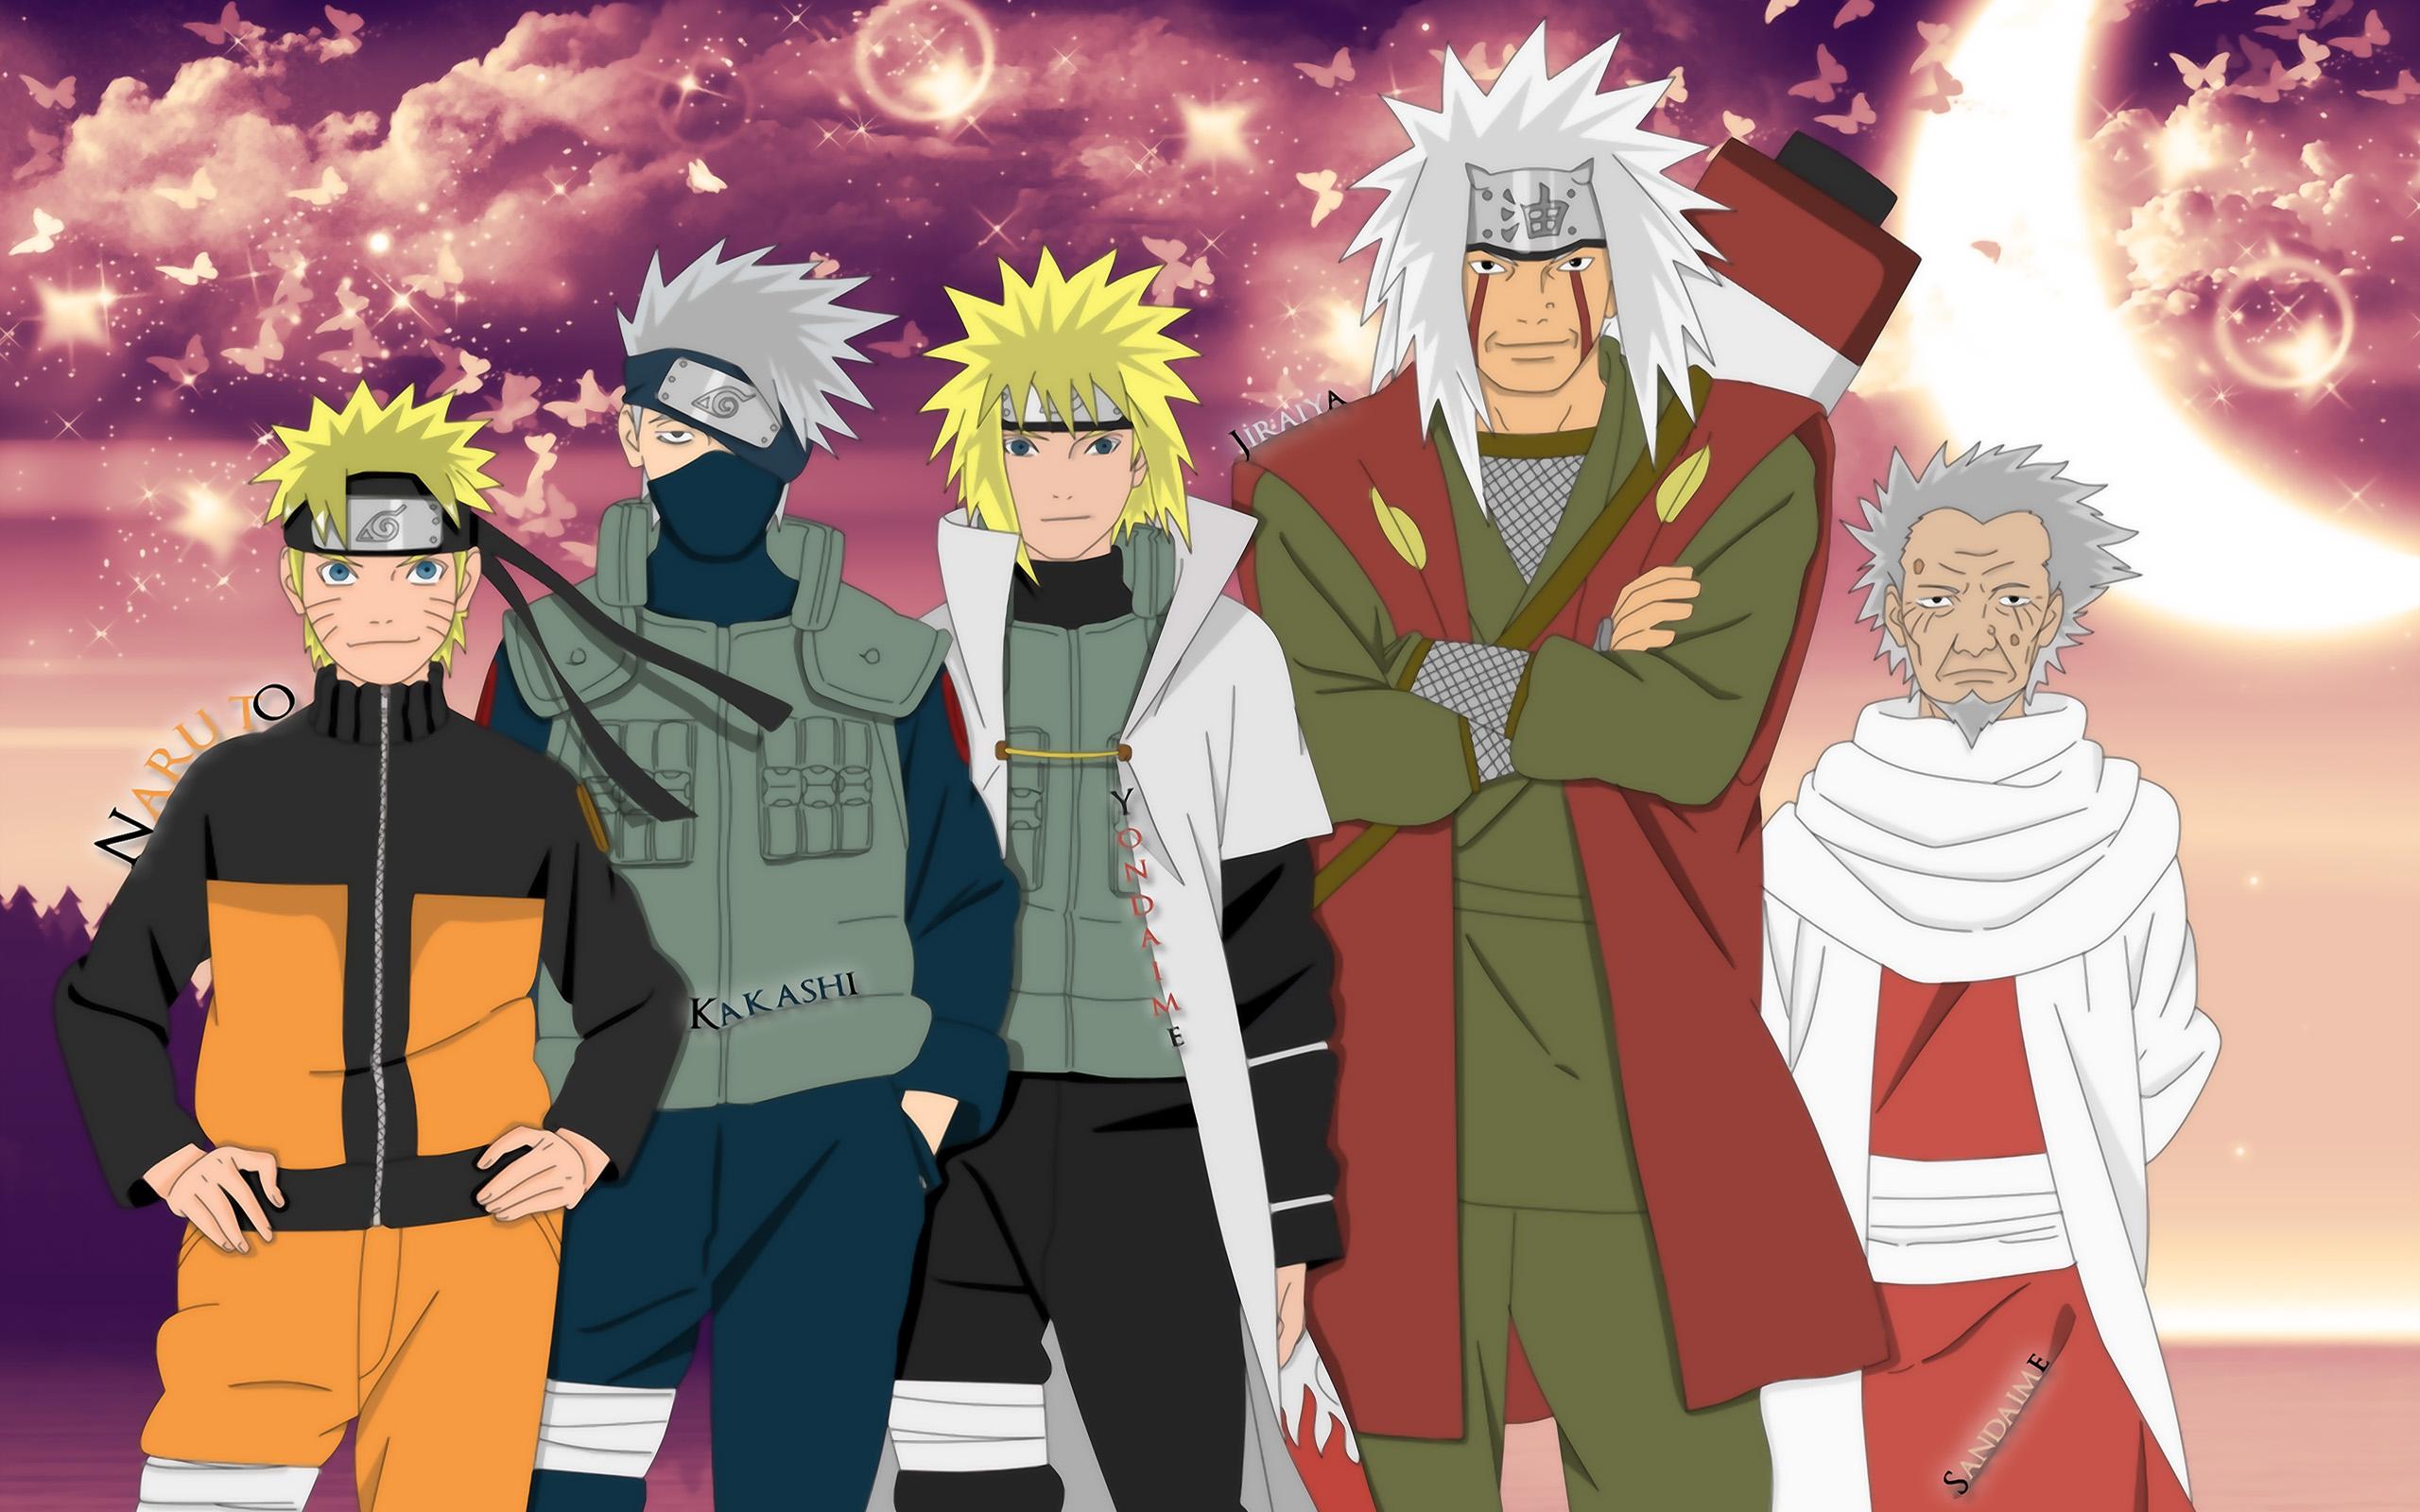 Bộ Naruto tình cảm anh em